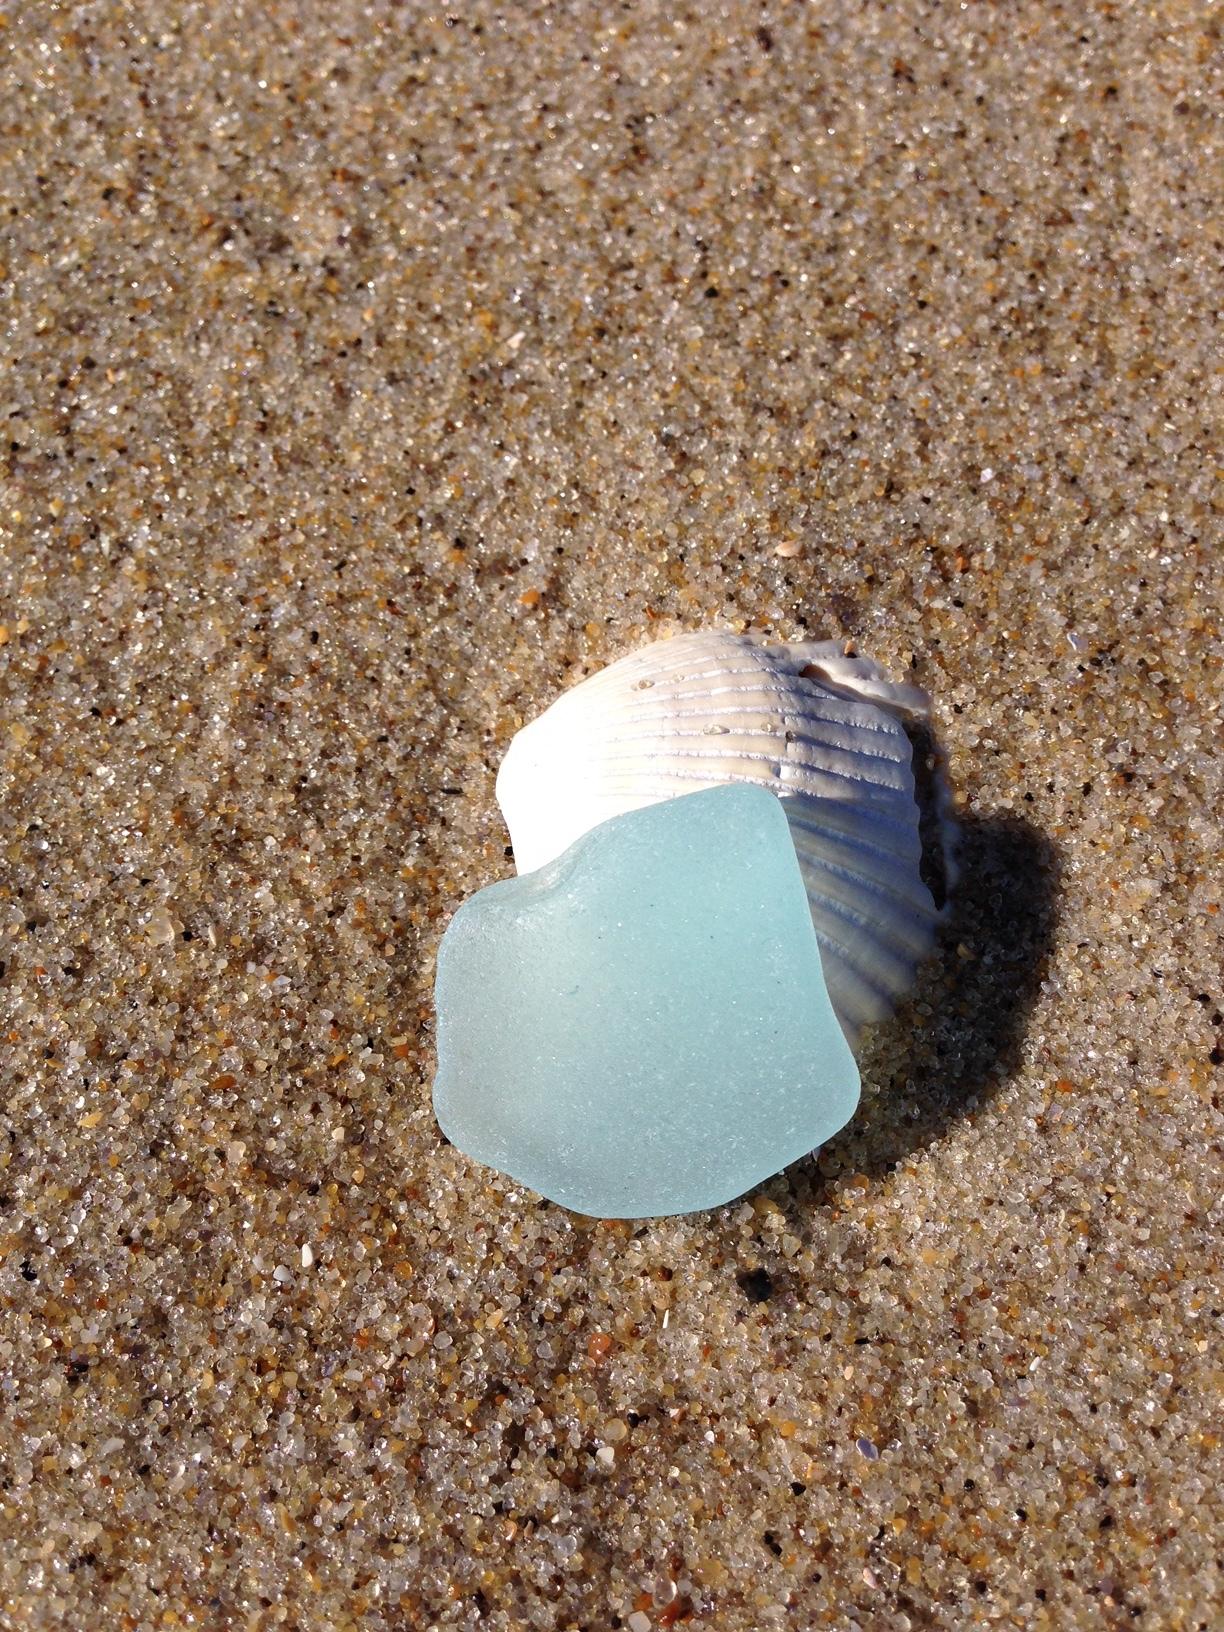 seaglass and shell.JPG